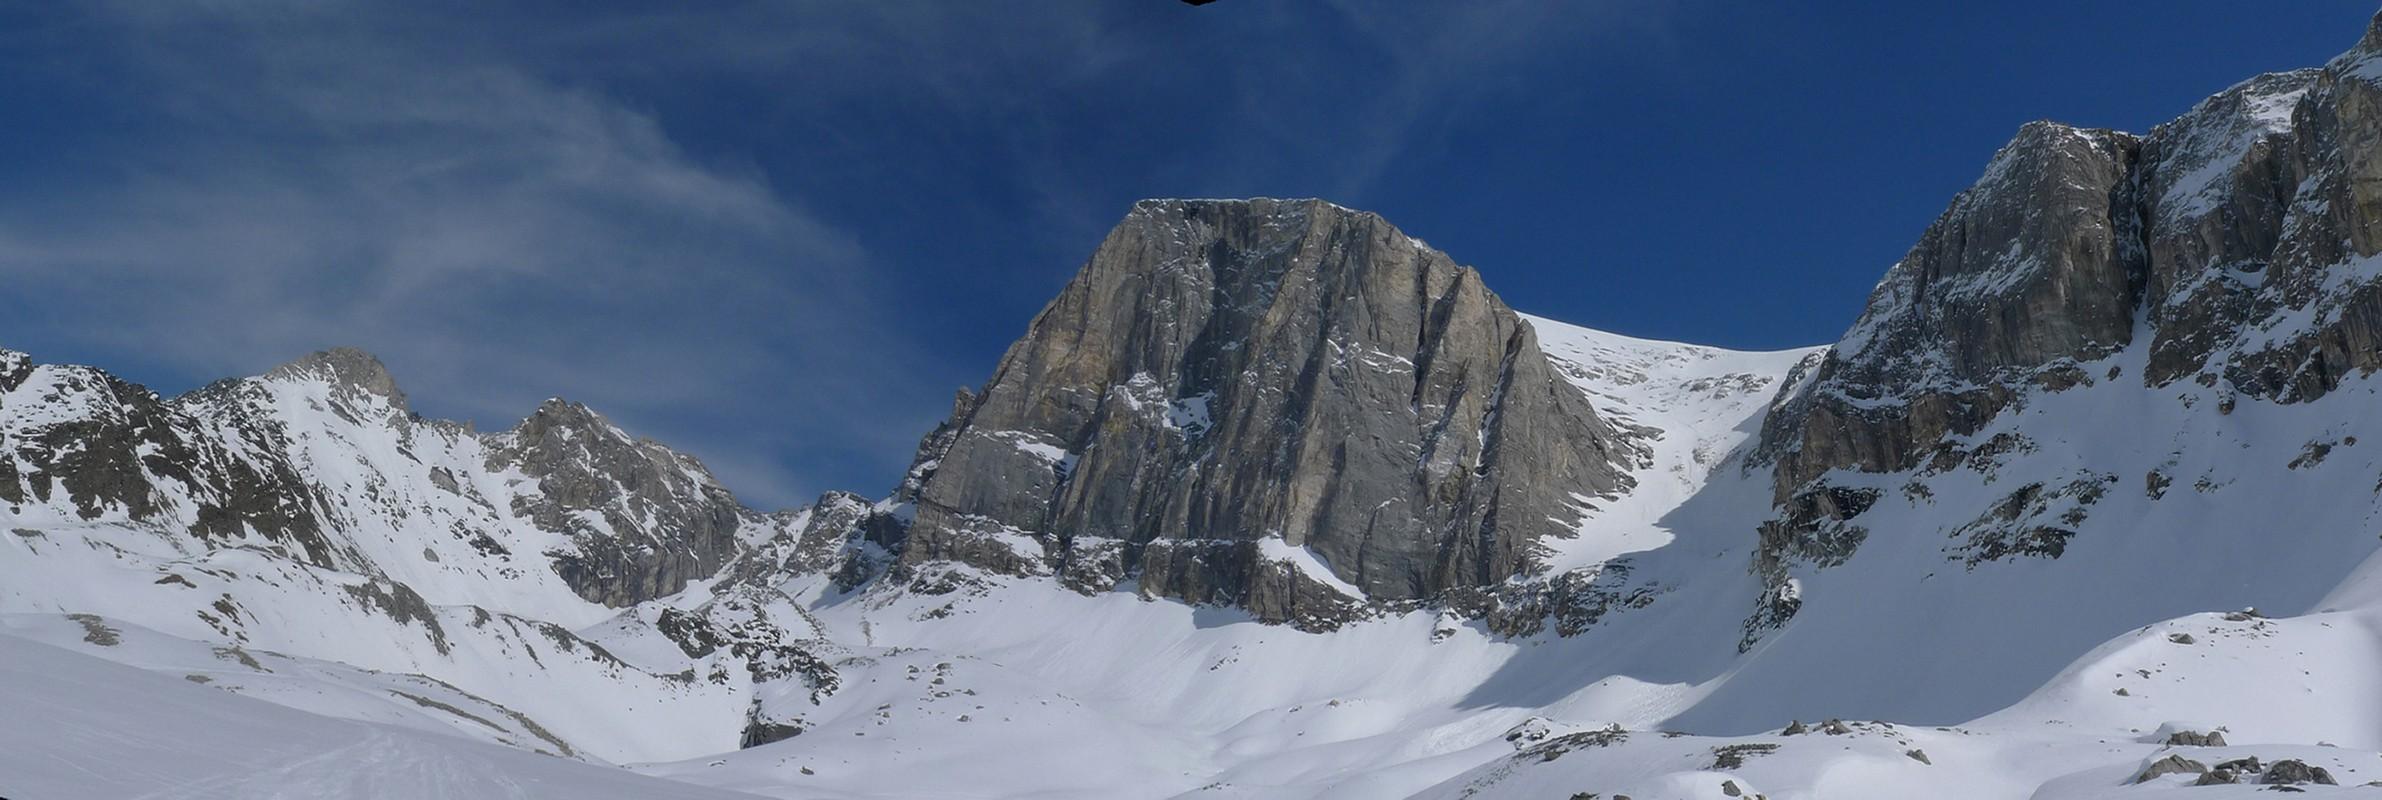 Turtmannhütte / Cabane Tourtemagne  Walliser Alpen / Alpes valaisannes Switzerland panorama 13